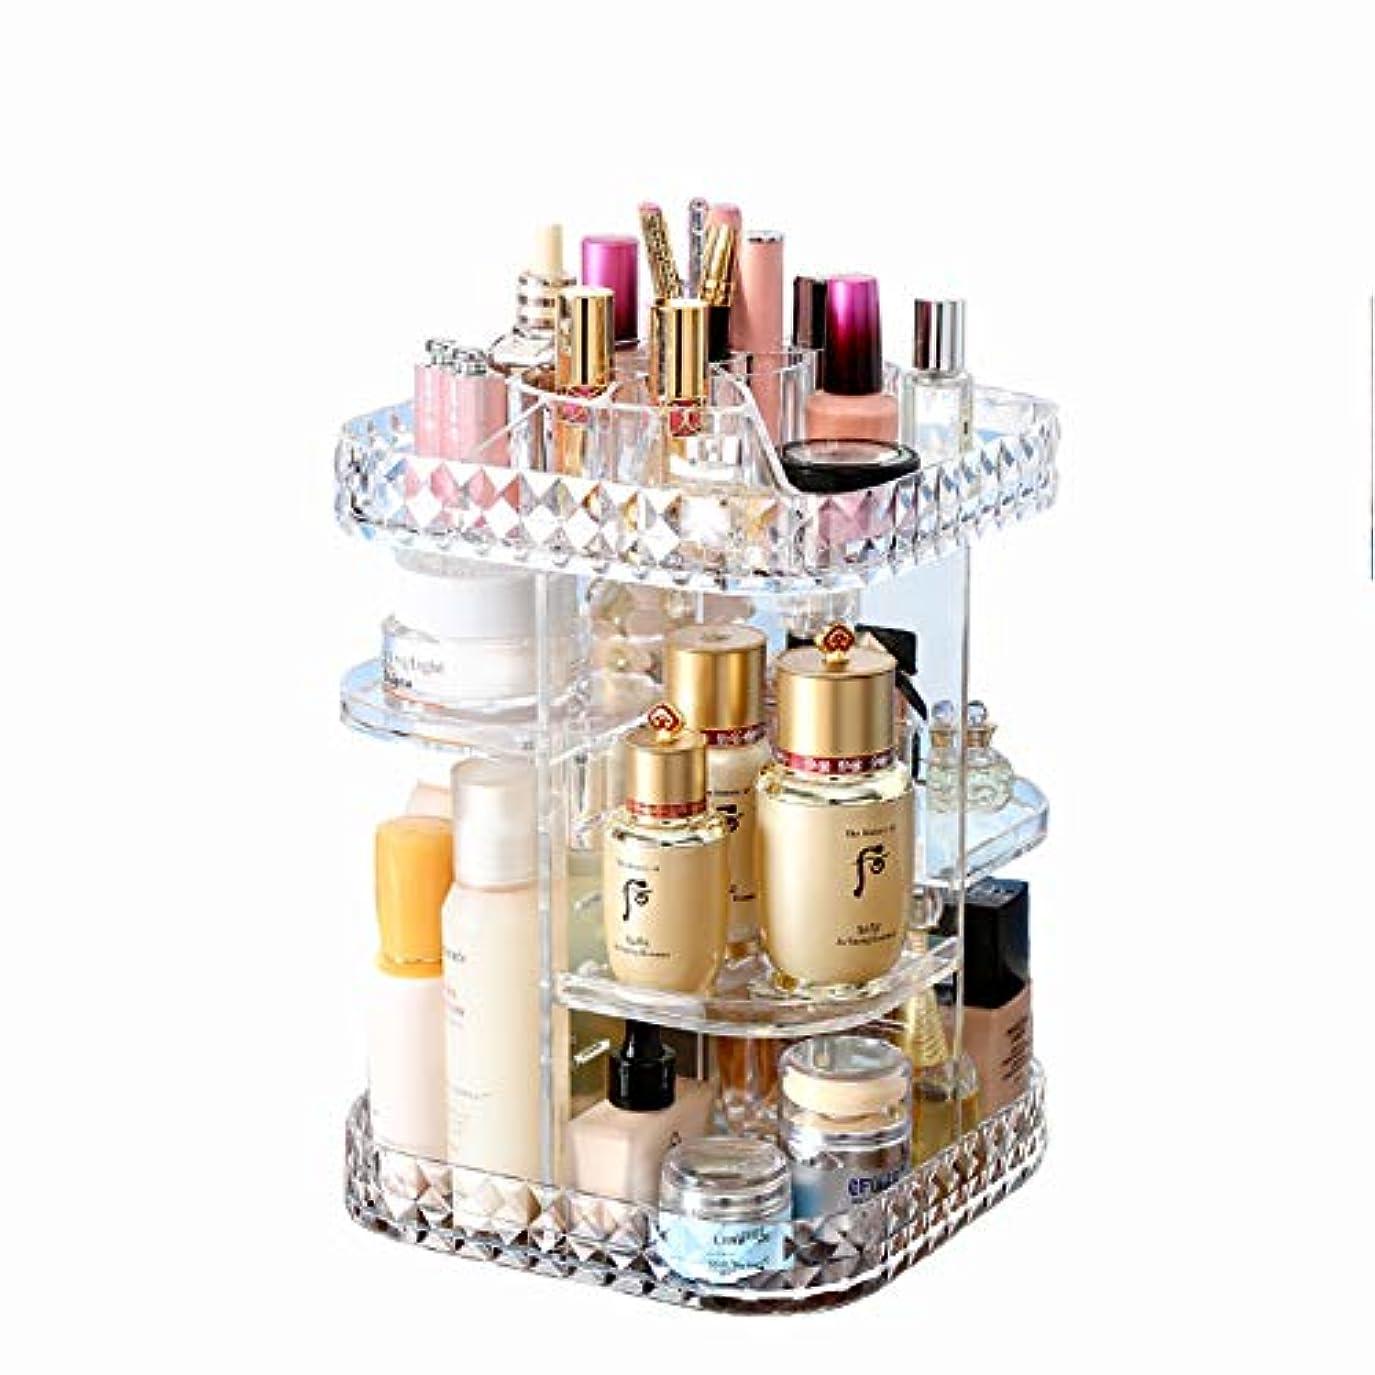 勃起カフェループ化粧品収納ボックス 360℃回転式 高さ調節可能 高品質 超大容量メイクタワー 透明アクリル製 ダイヤモンドパターン